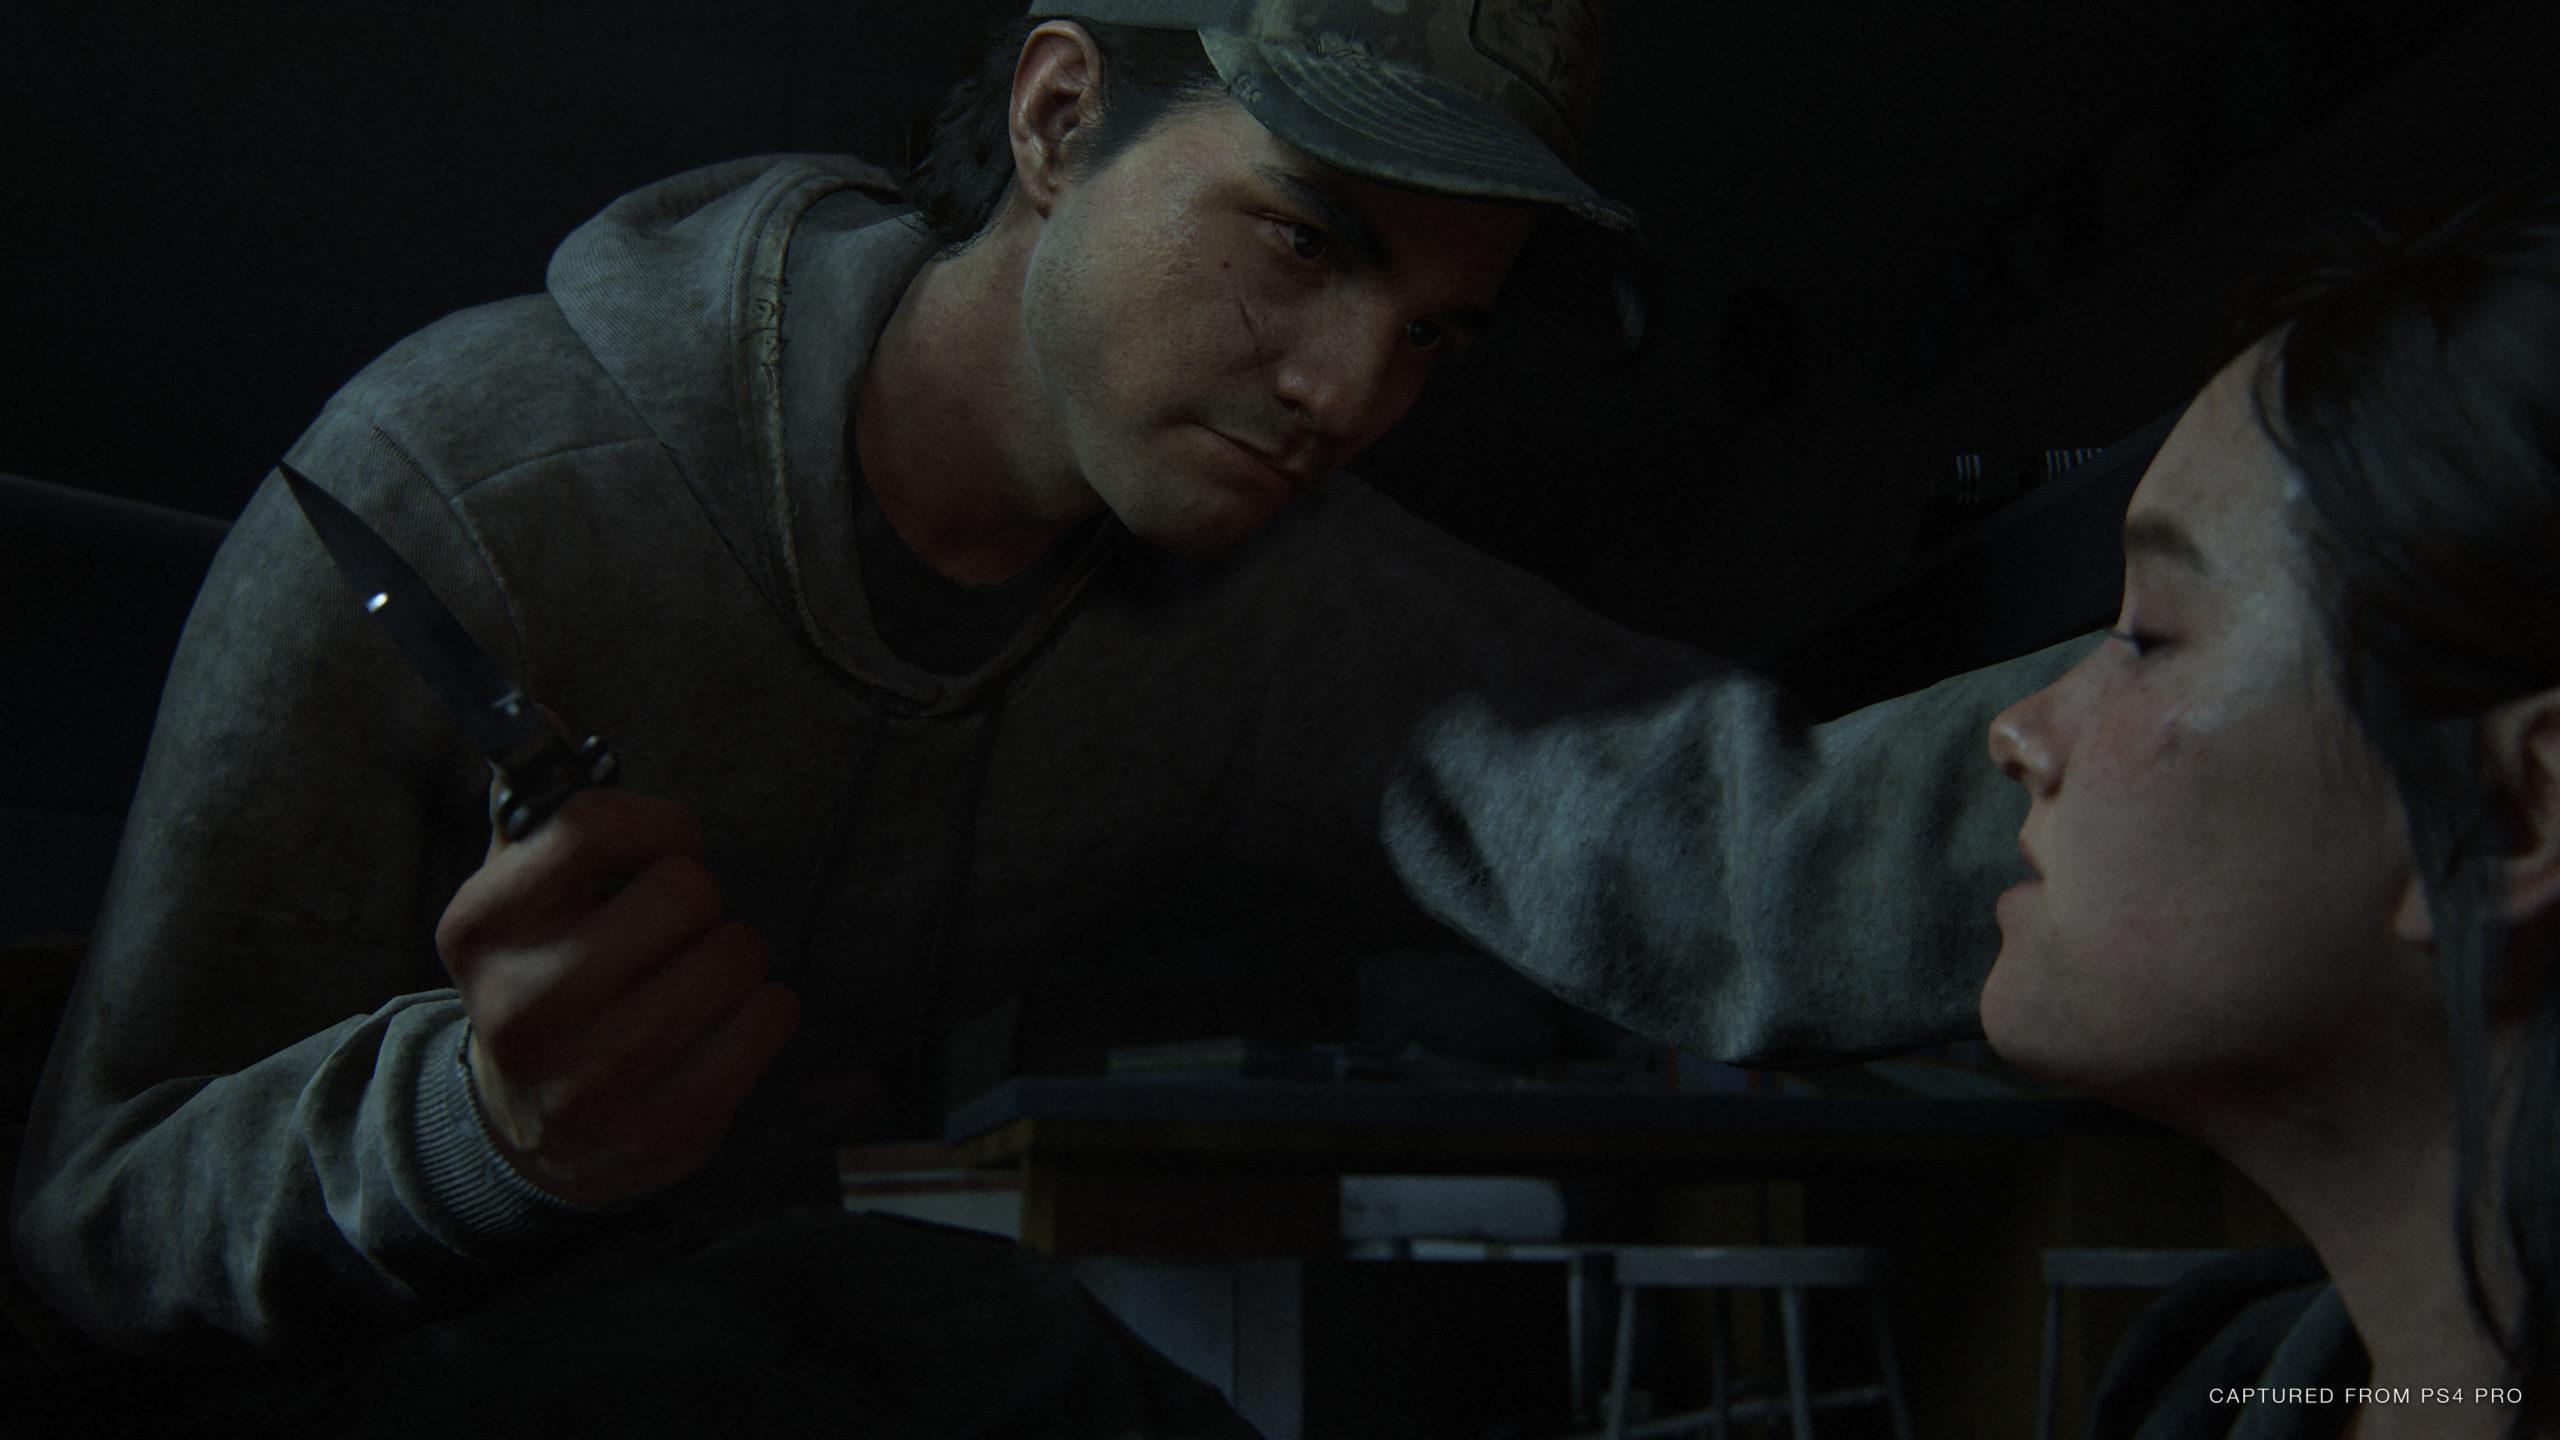 Ellie wird von einem Unbekannten gefangen gehalten und mit einem Messer bedroht